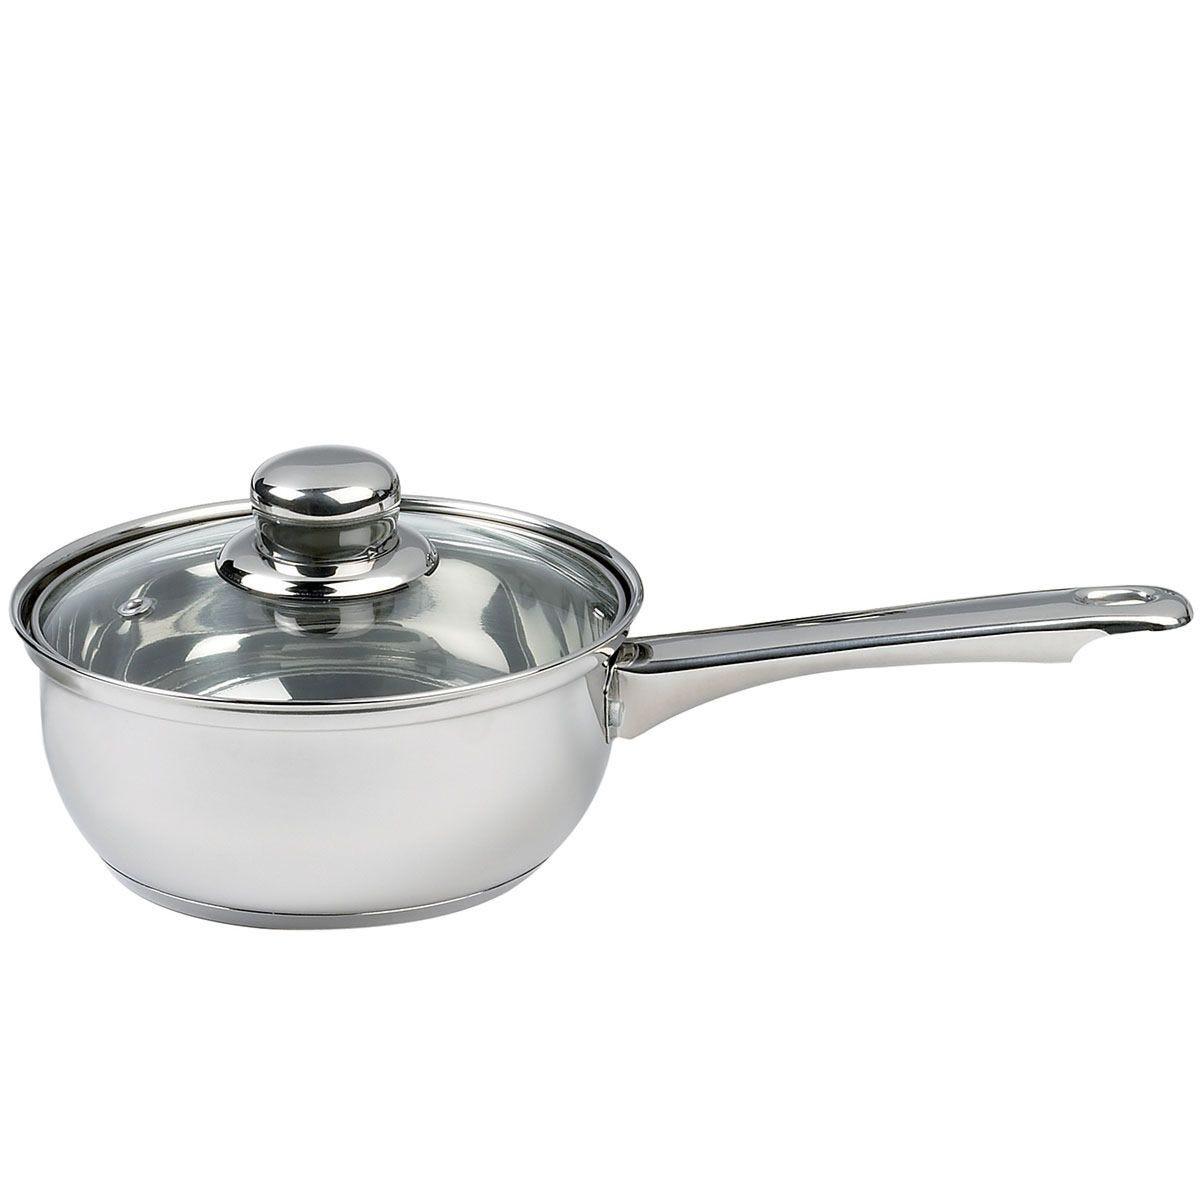 Sabichi Essential 20cm Saucepan